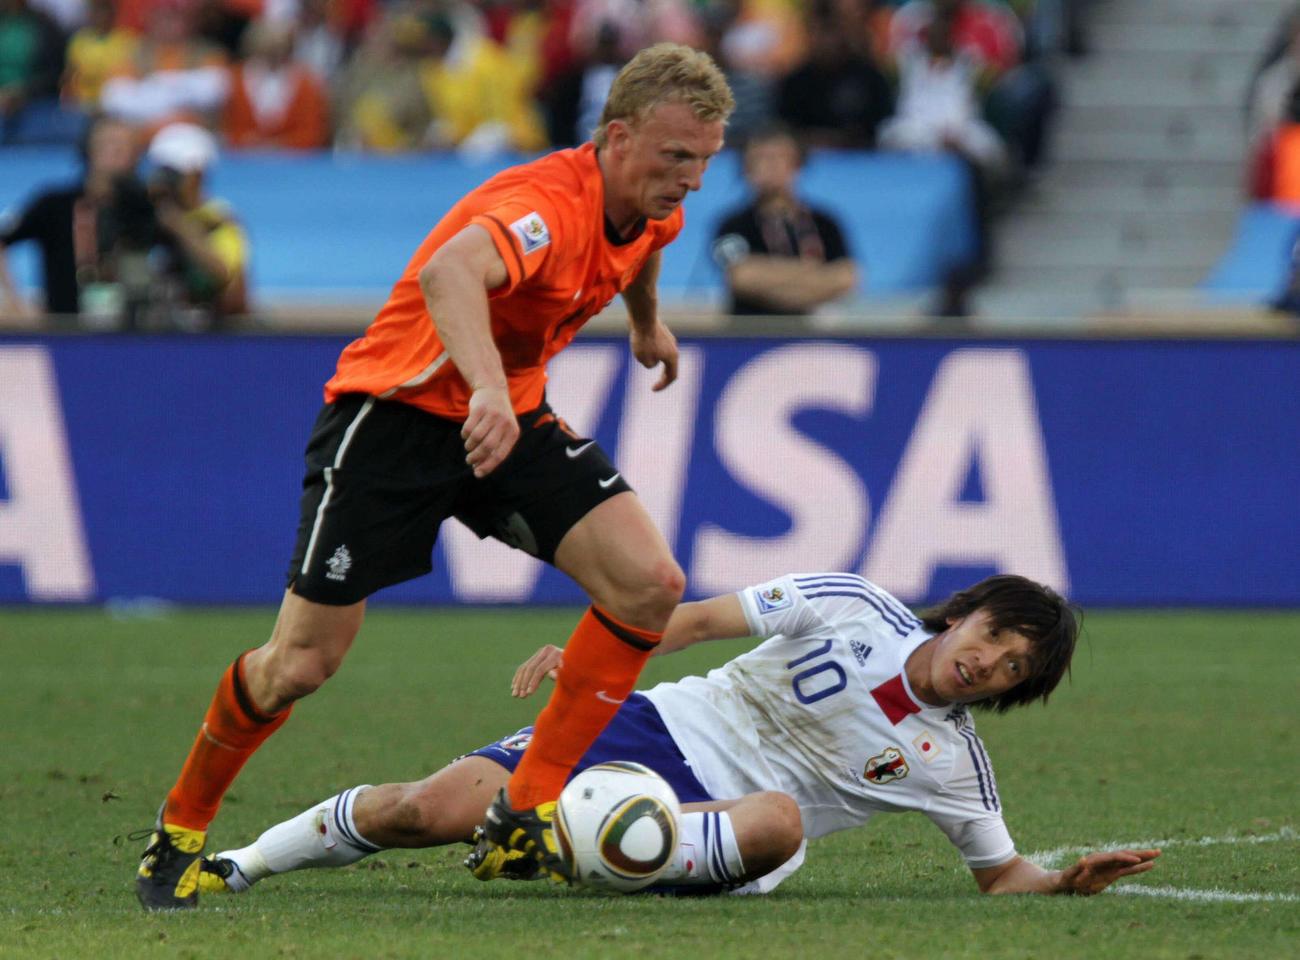 日本対オランダ 後半、FWディルク・カイト(左)にボールを奪われるMF中村俊輔=2010年6月19日